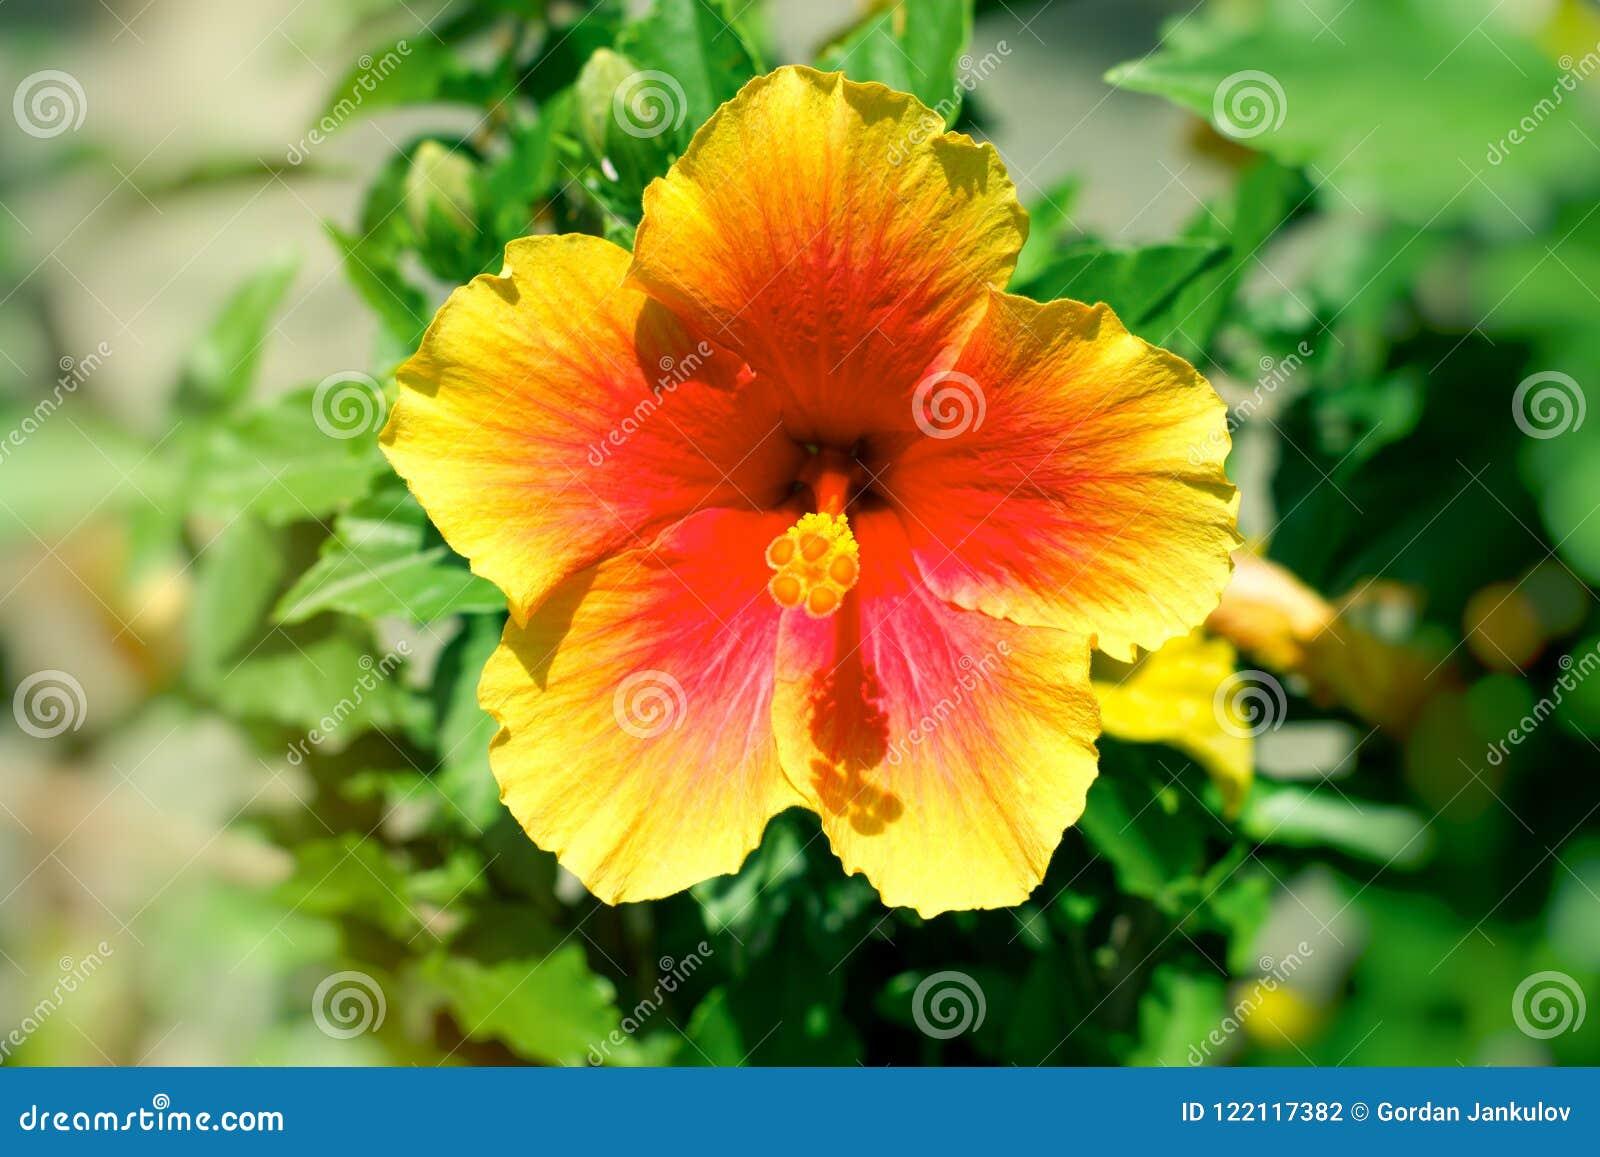 Beautiful flower in my garden flower lit by sunlight stock photo beautiful flower in my garden flower lit by sunlight izmirmasajfo